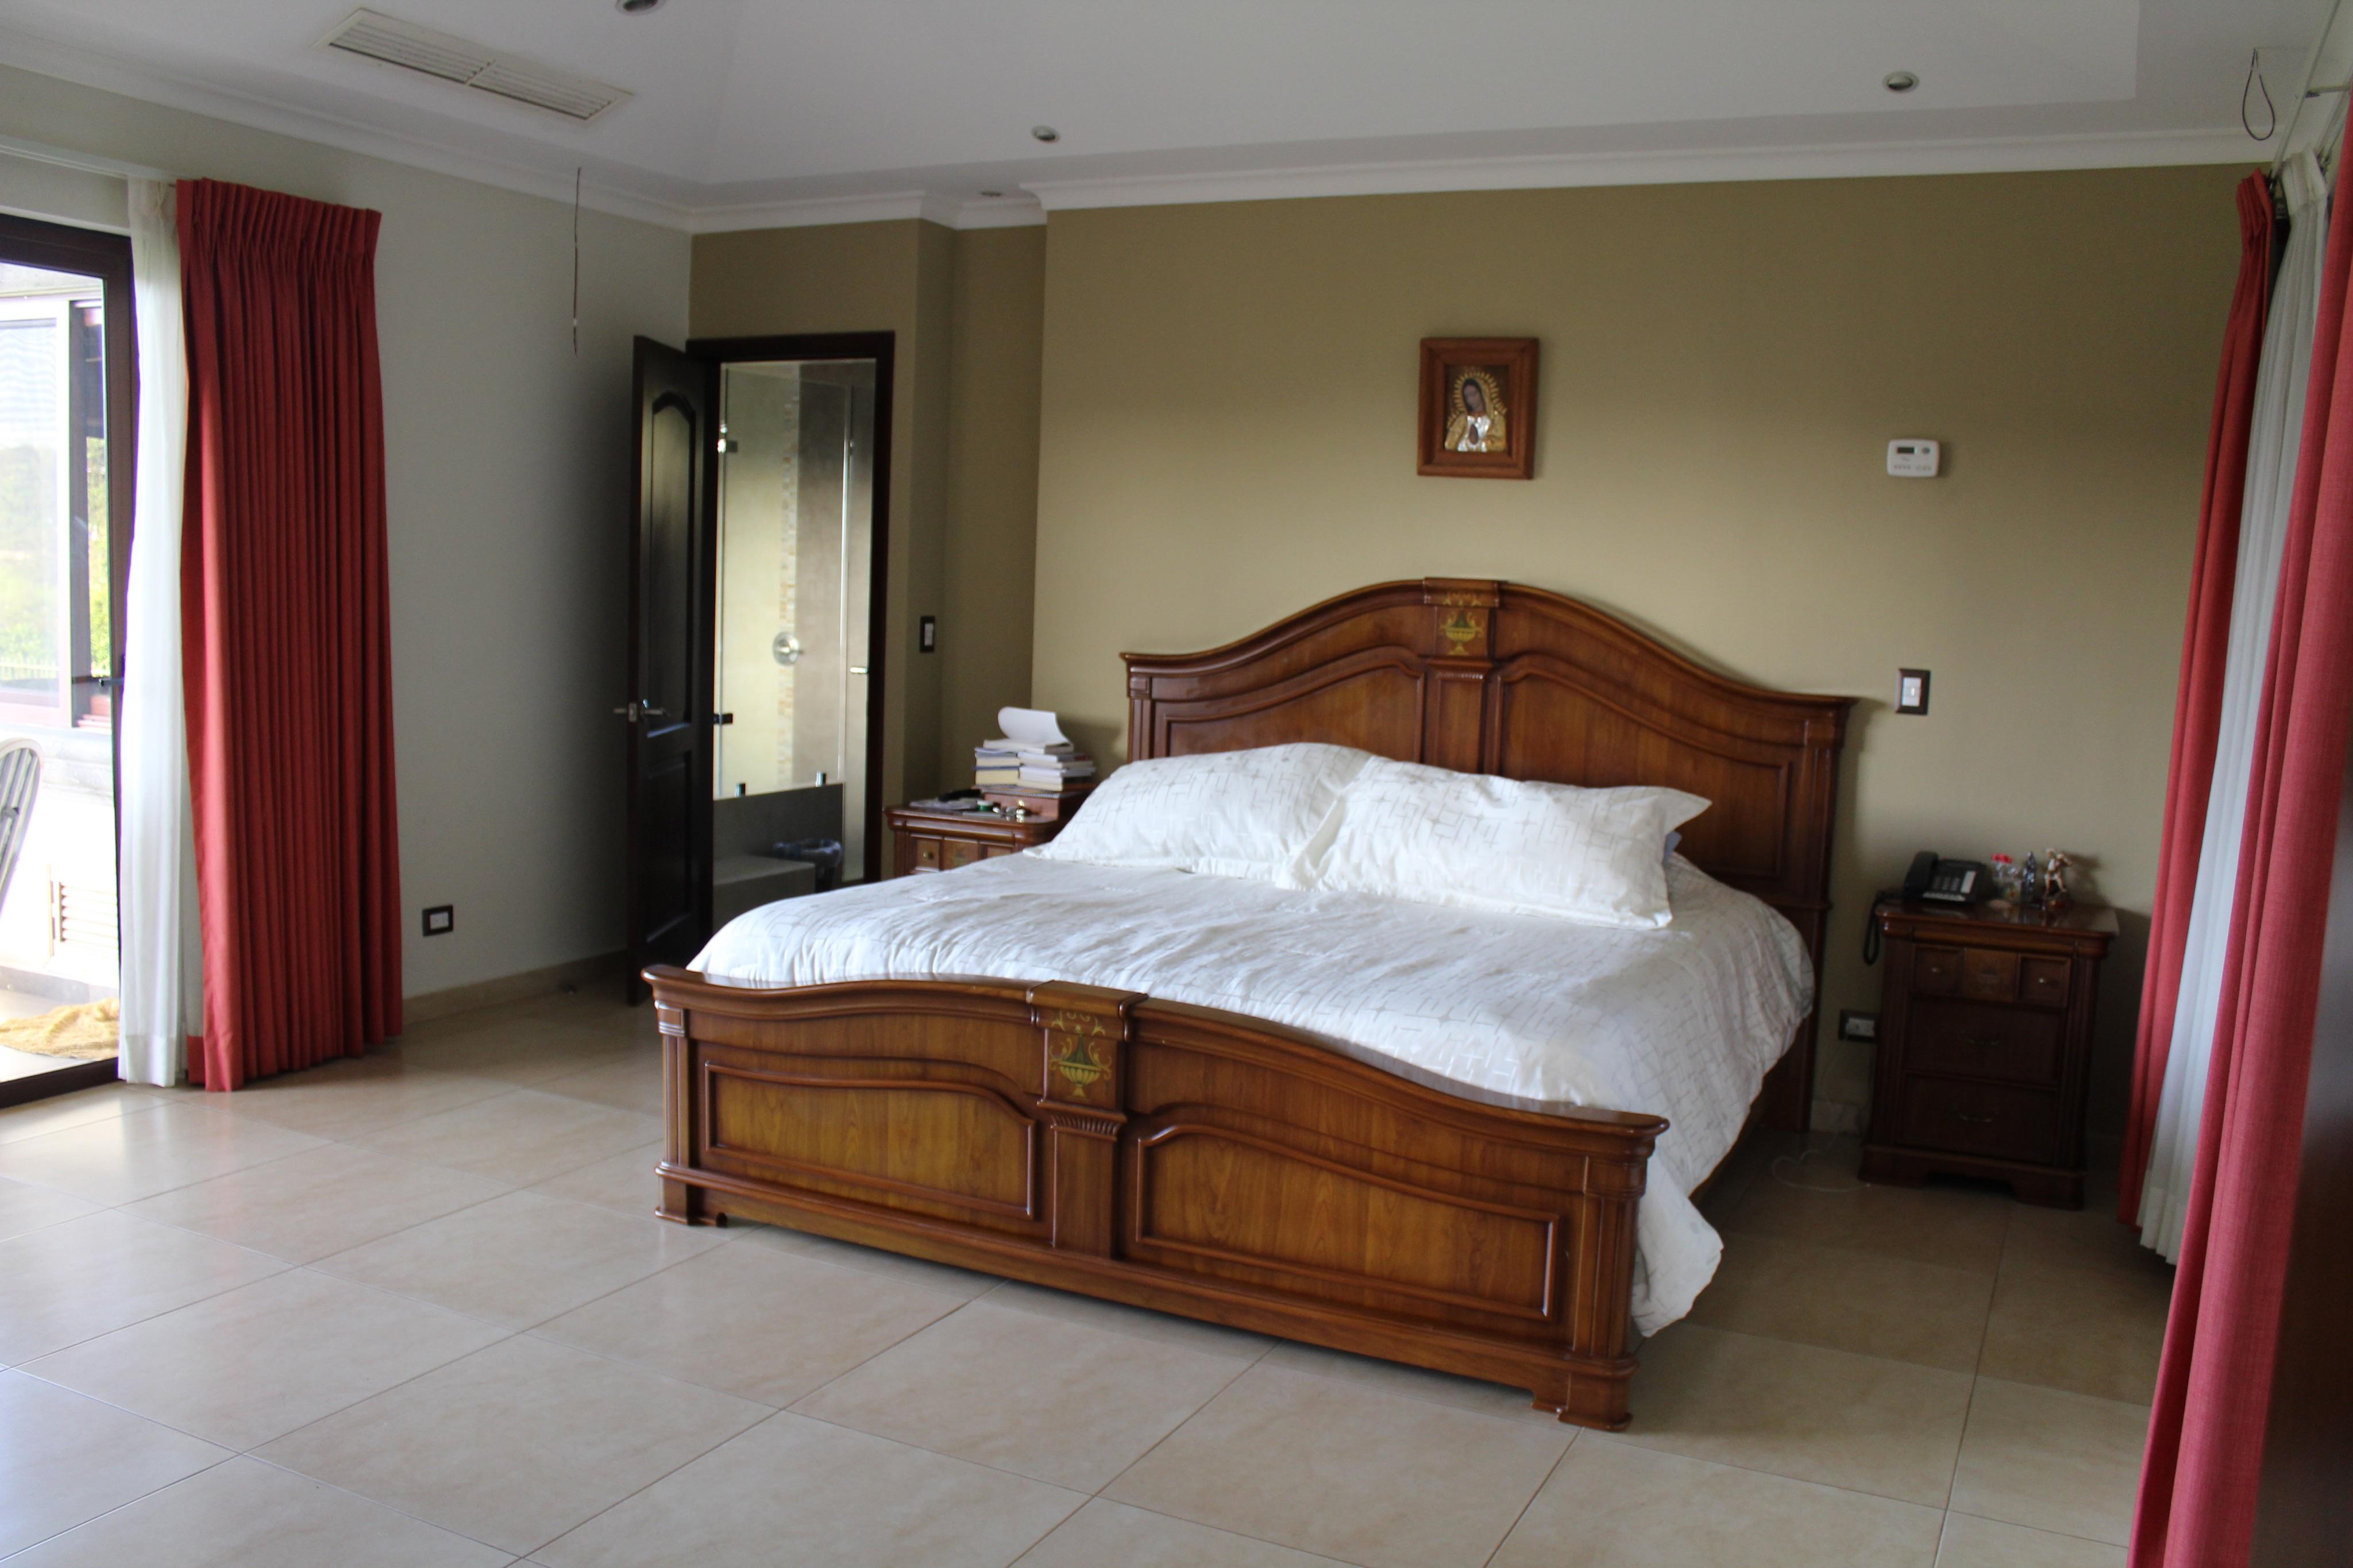 CPTCR0112 Casa en Venta Alturas de Tenerife  master